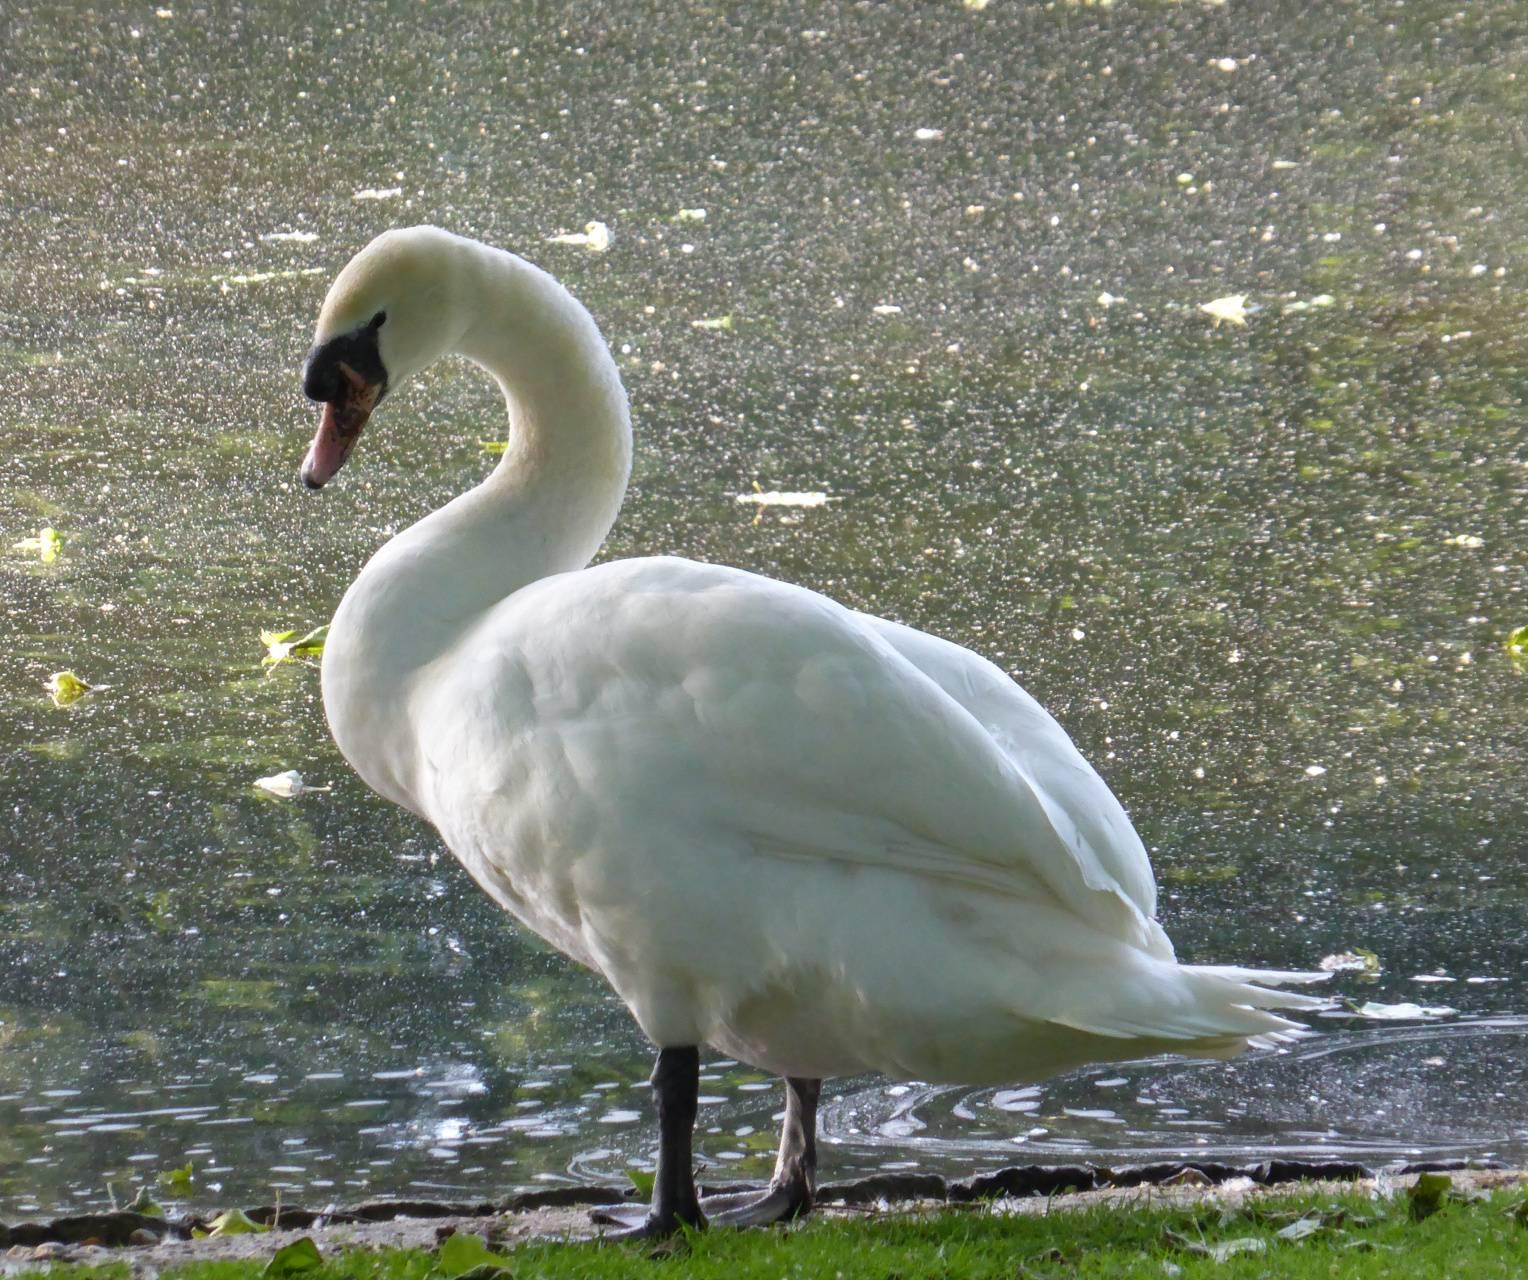 Swan on lake shore